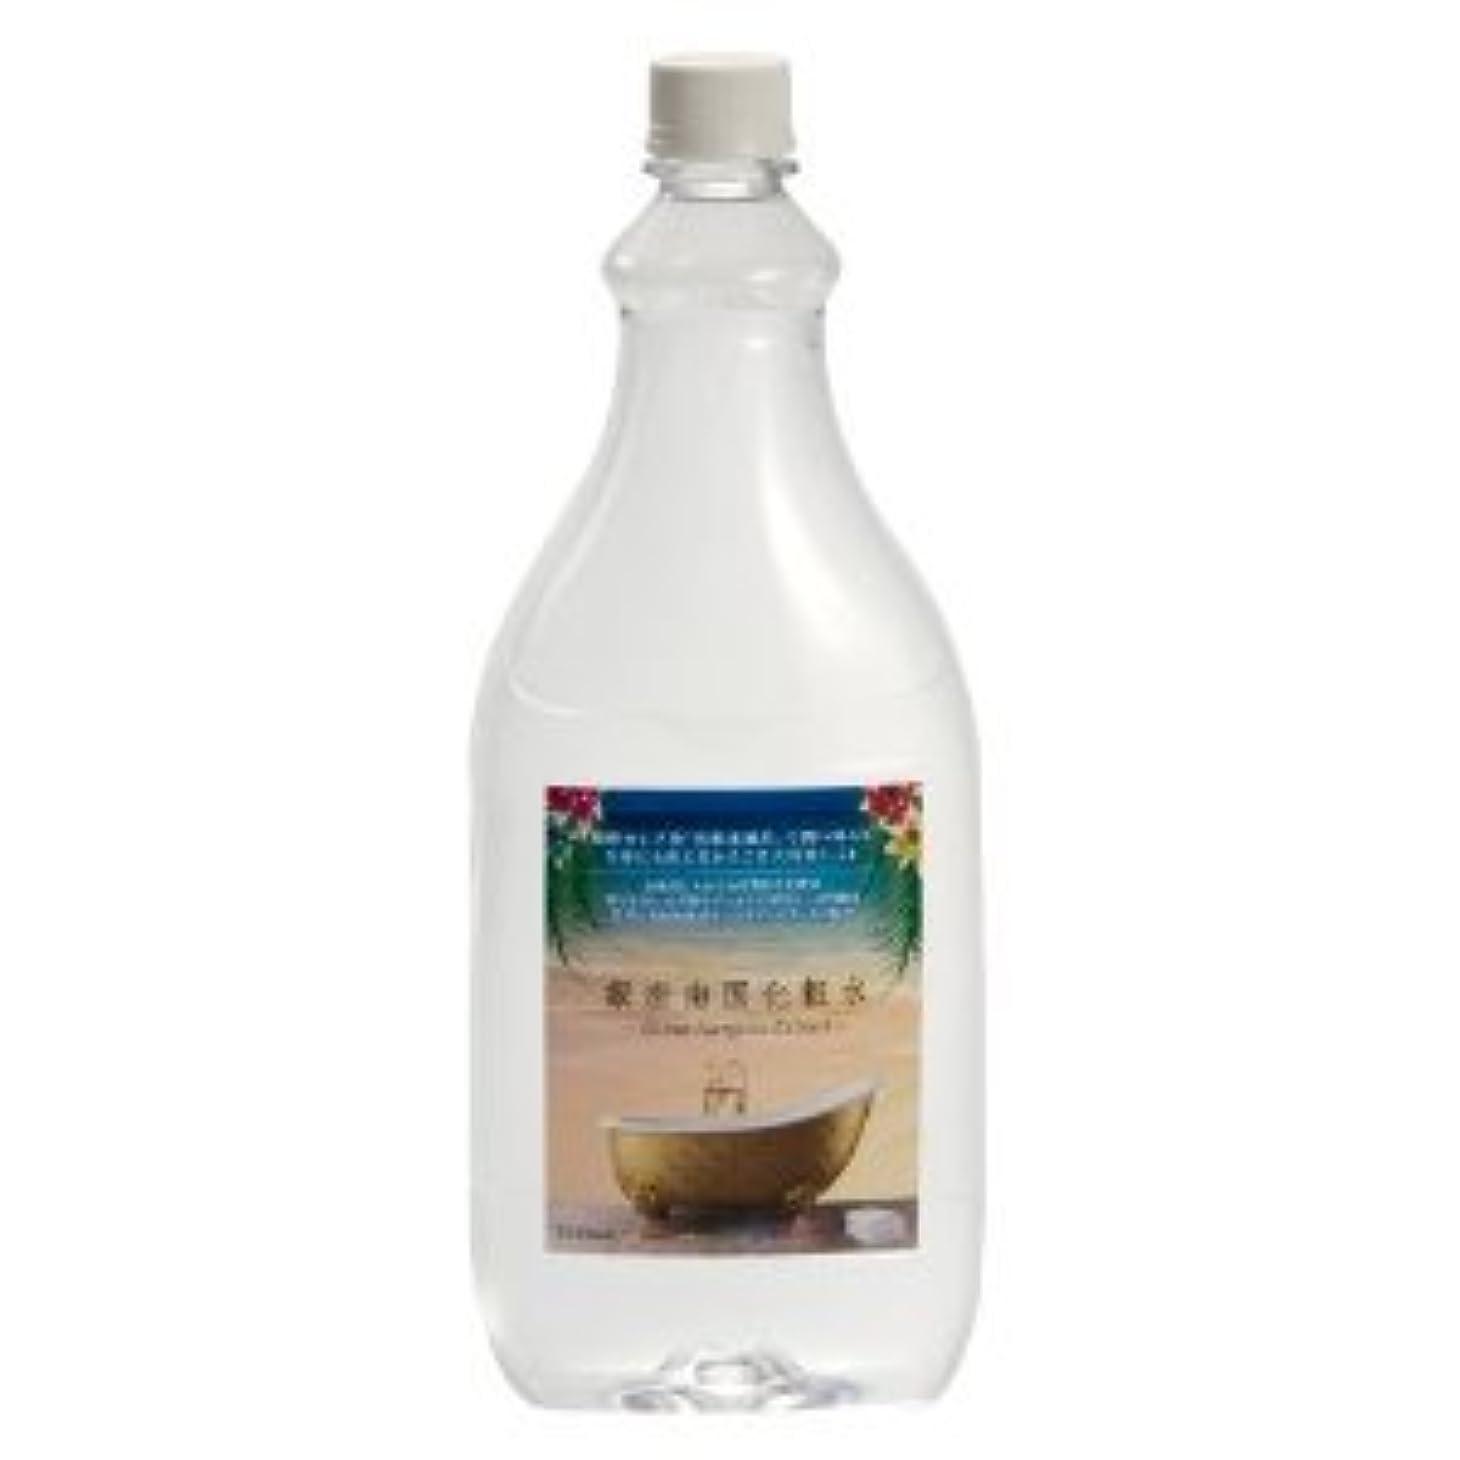 反応するトランペット言い訳銀座南国化粧水 (1000ml) スプレーボトル付きセット